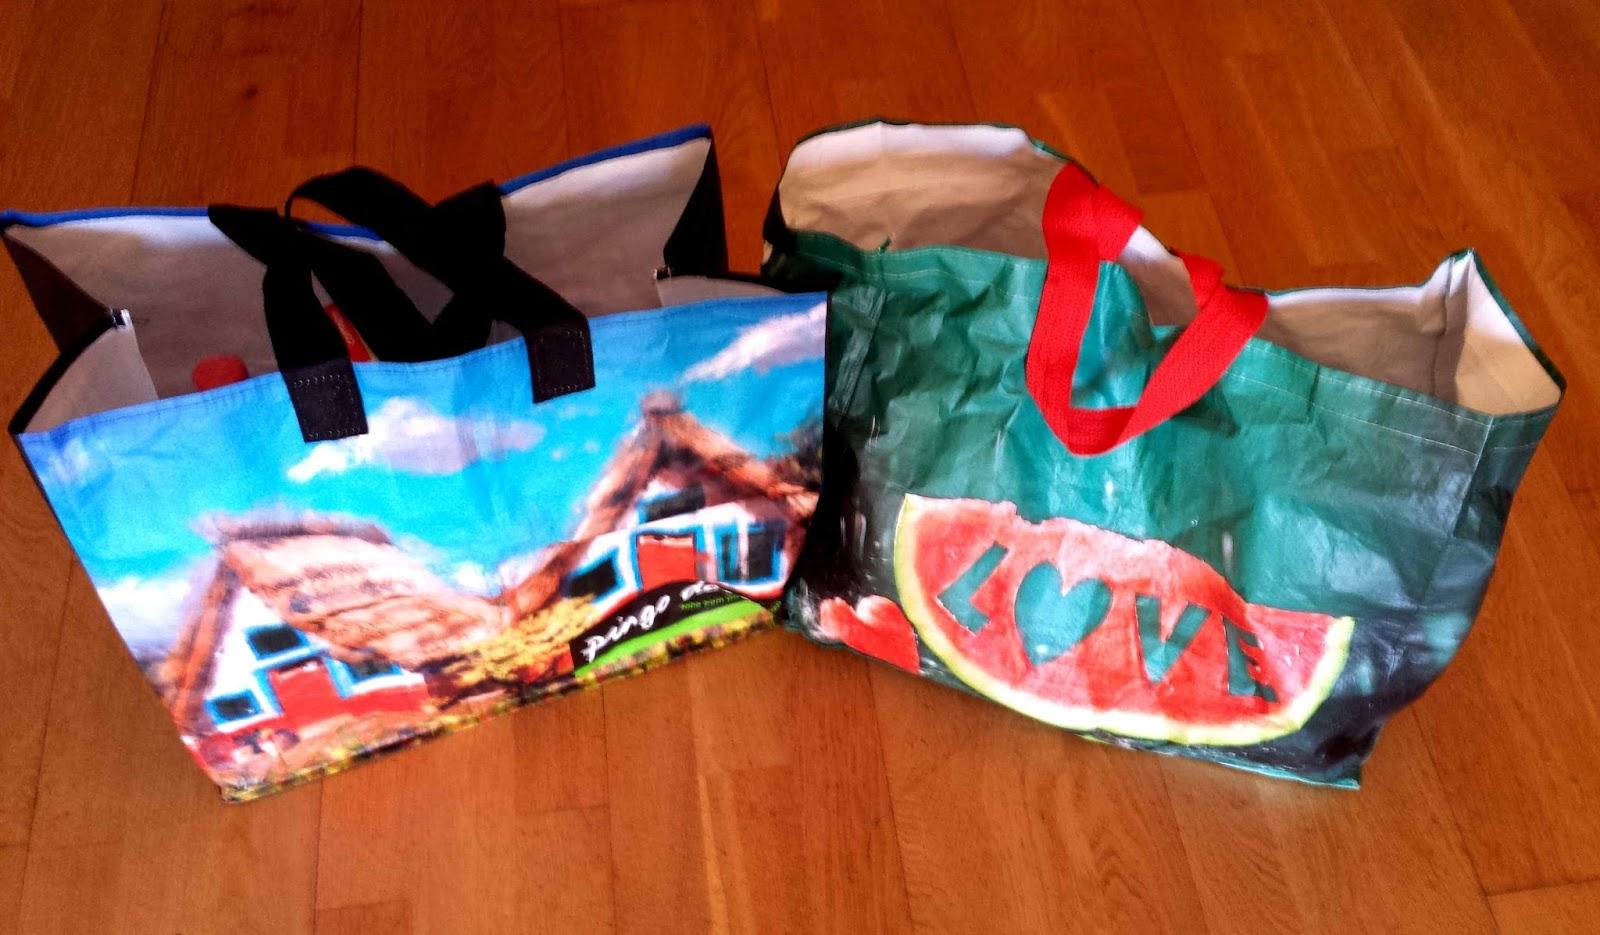 62d3bdcc4 Vida de Mulher aos 40  A lei dos sacos de plástico e os ...